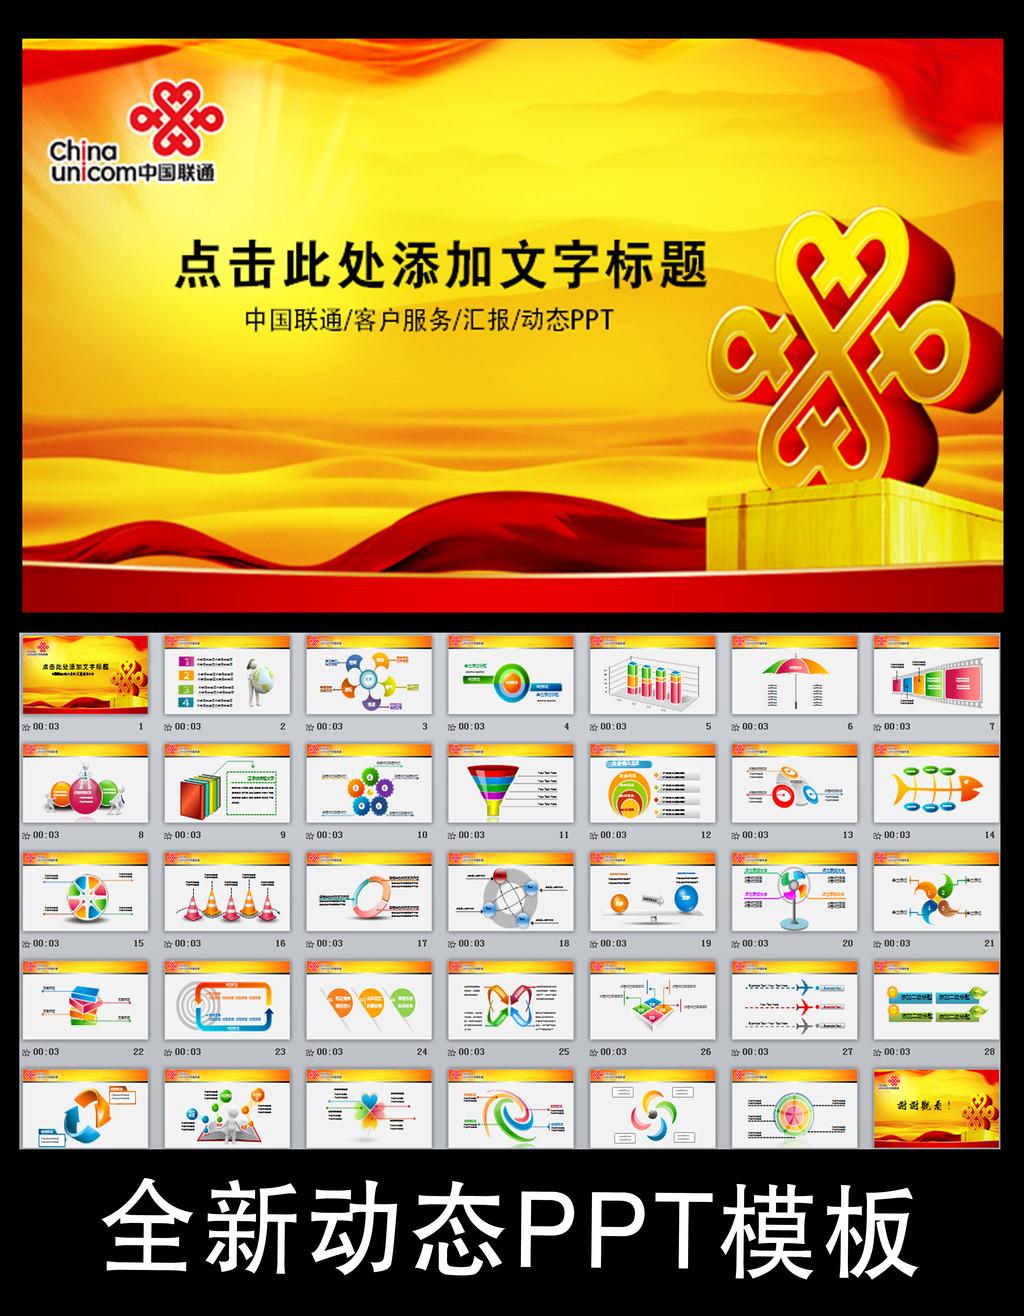 中国联通客户服务工作汇报总结幻灯片PPT模板下载 中国联通客户服务